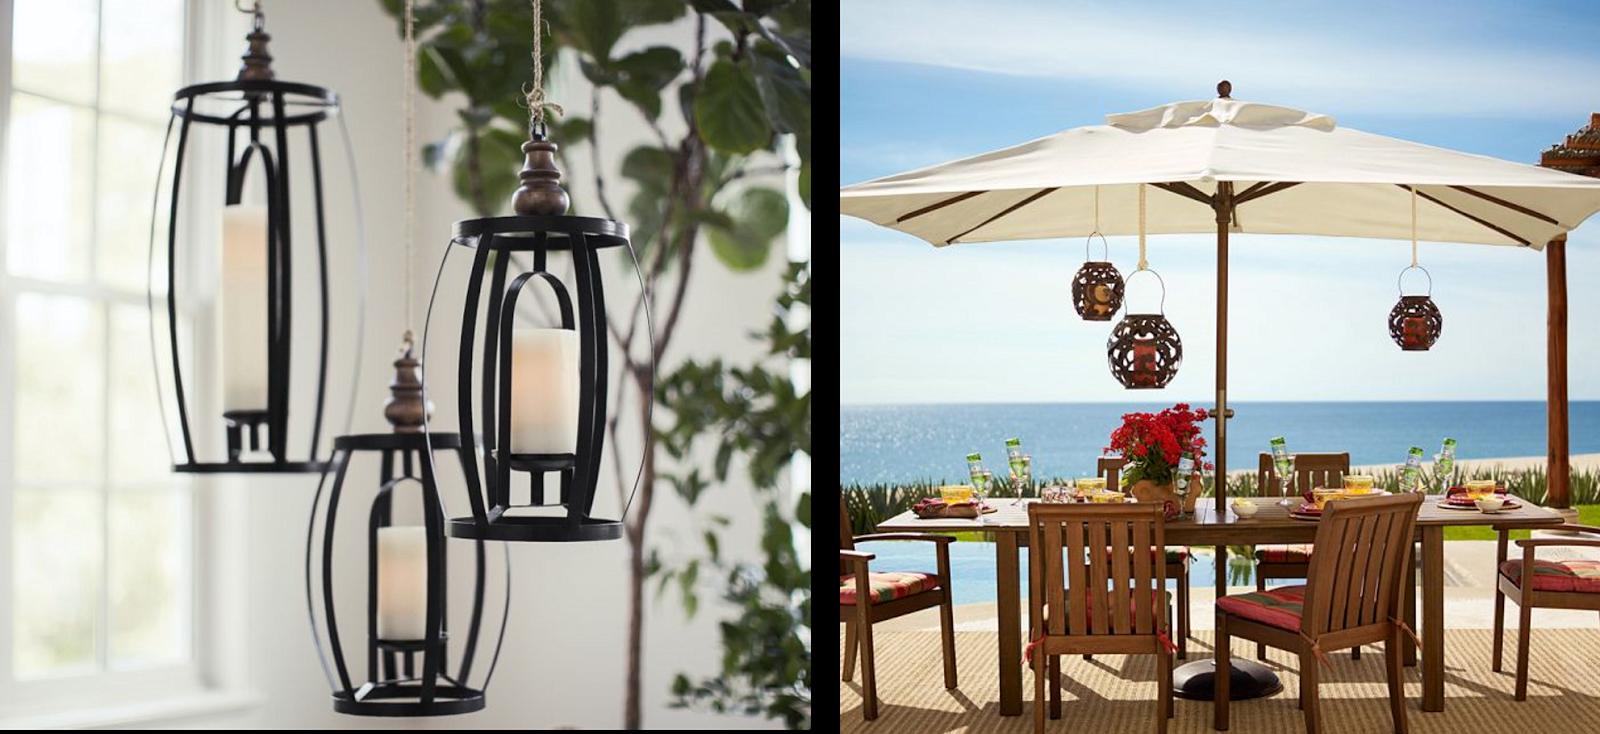 Decoraci n f cil faroles para iluminar y decorar for Faroles para jardin exterior